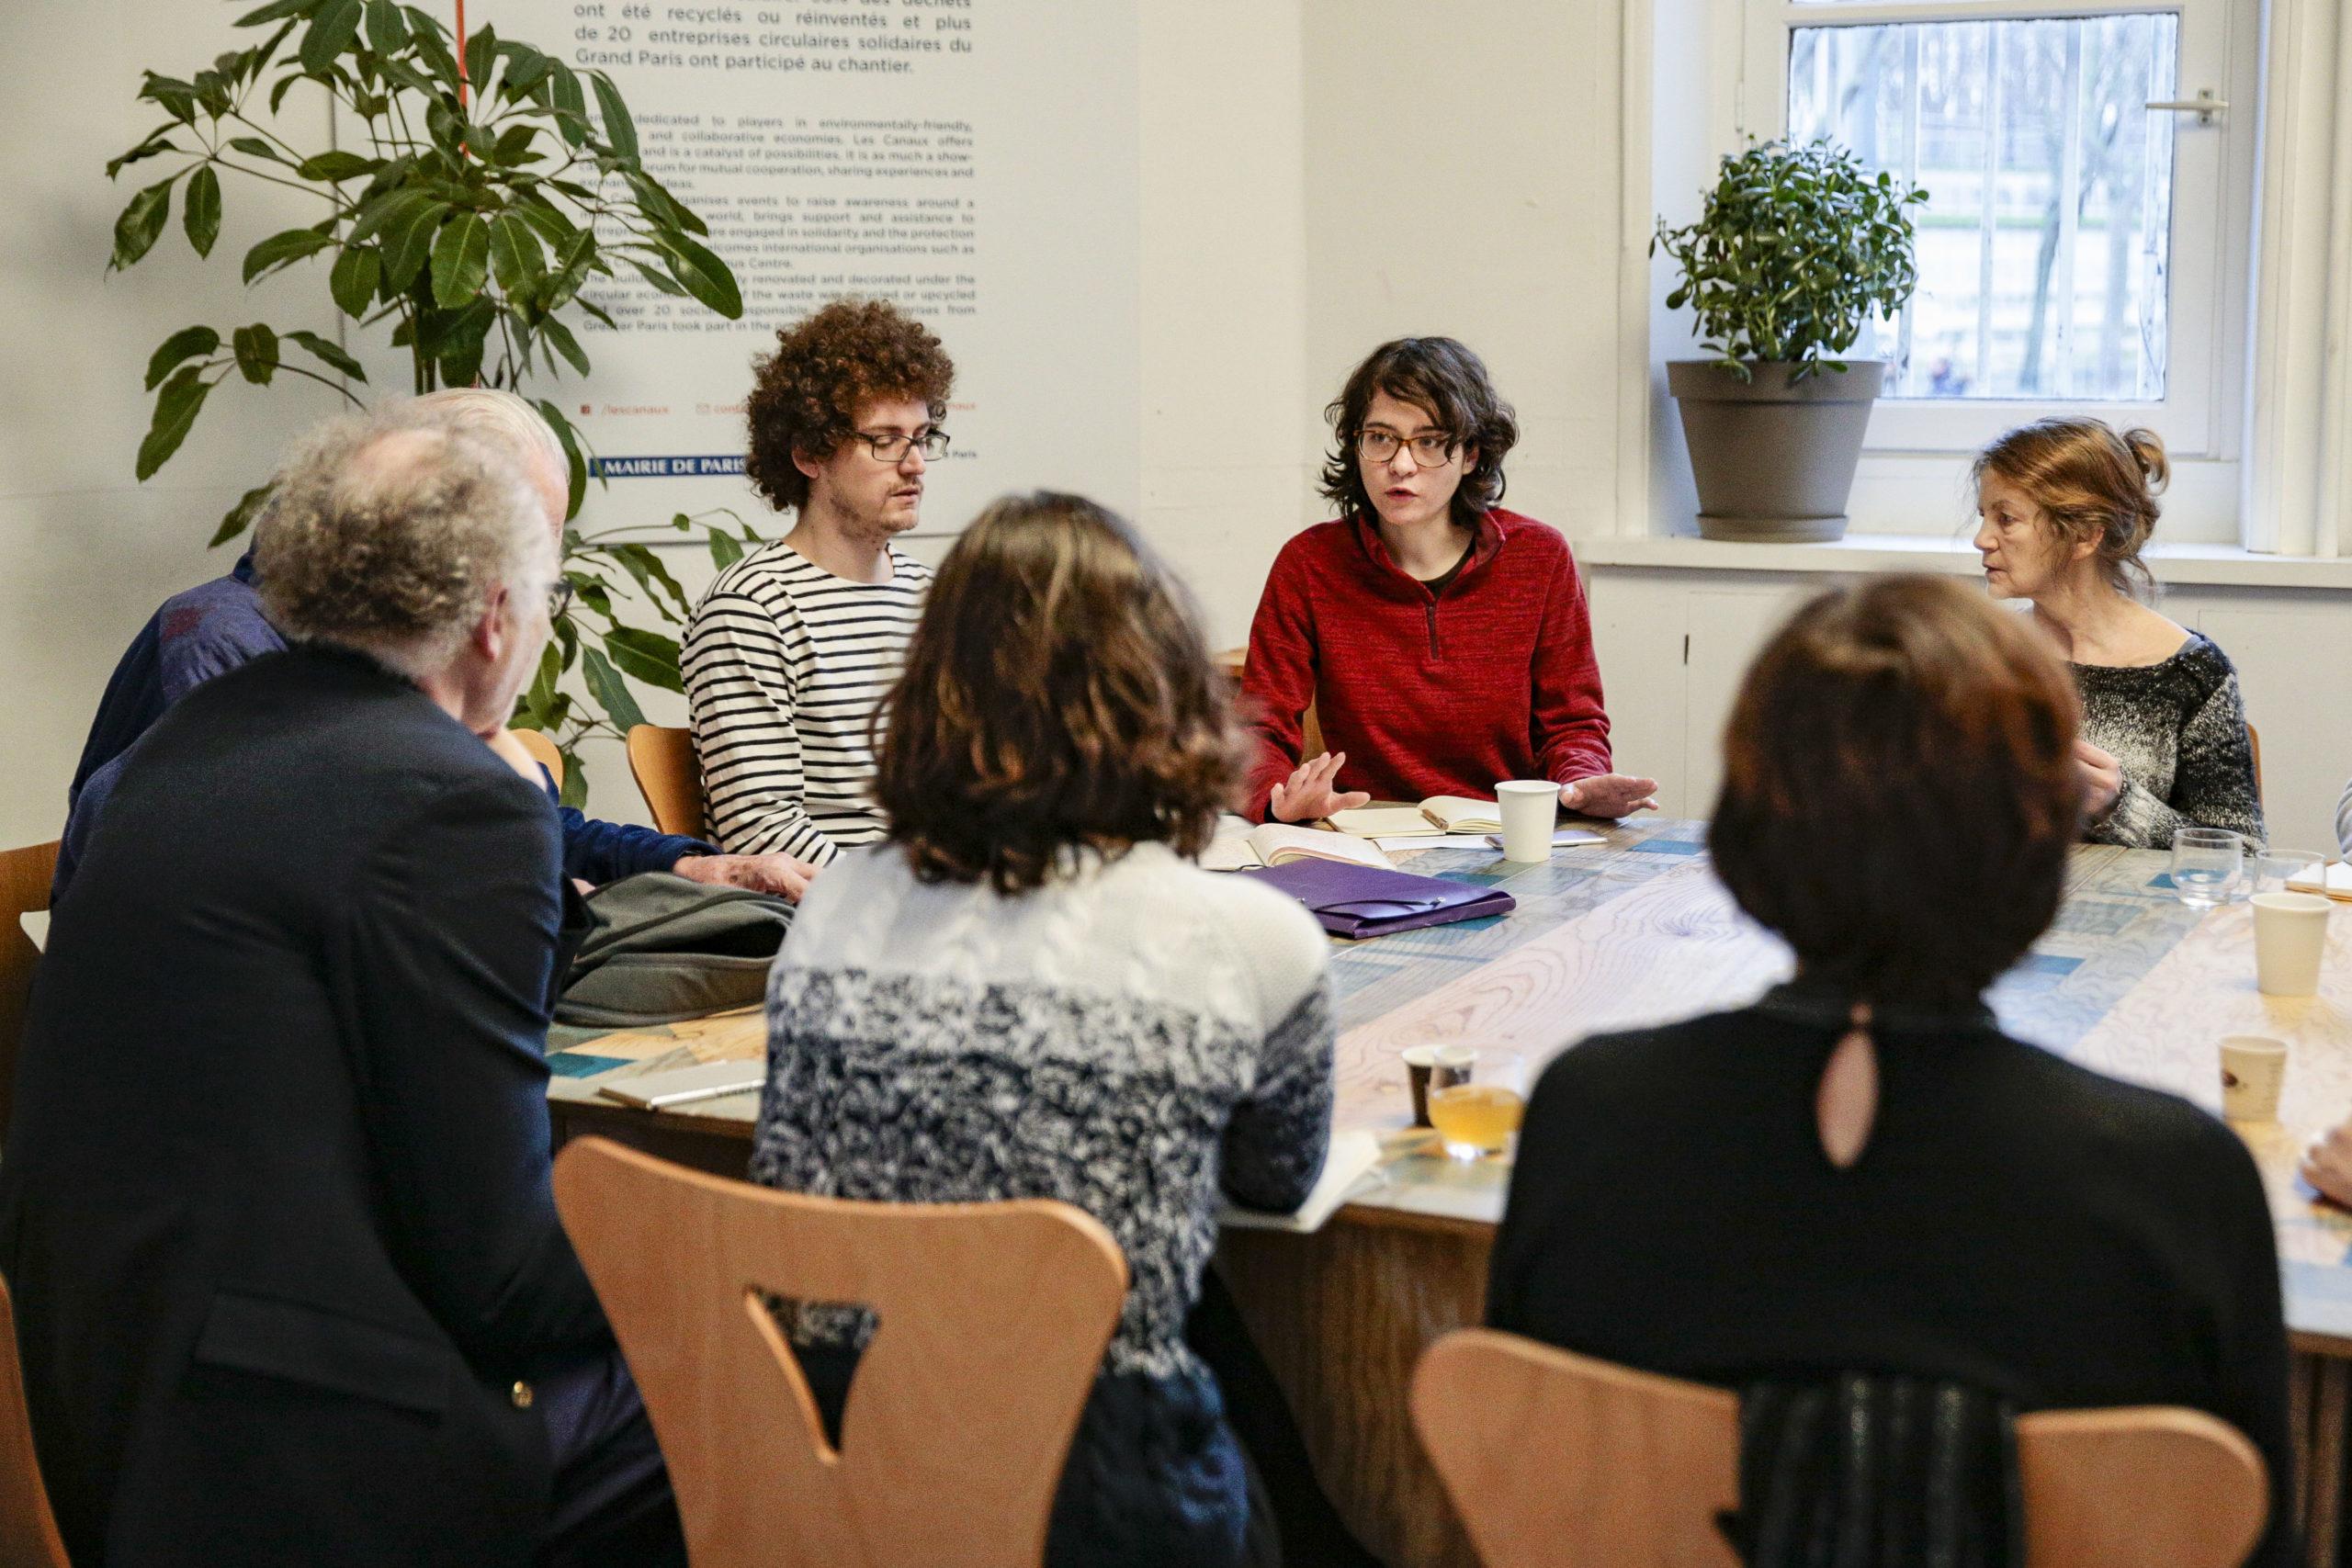 Plusieurs personnes autour d'une table. Une personne parle.